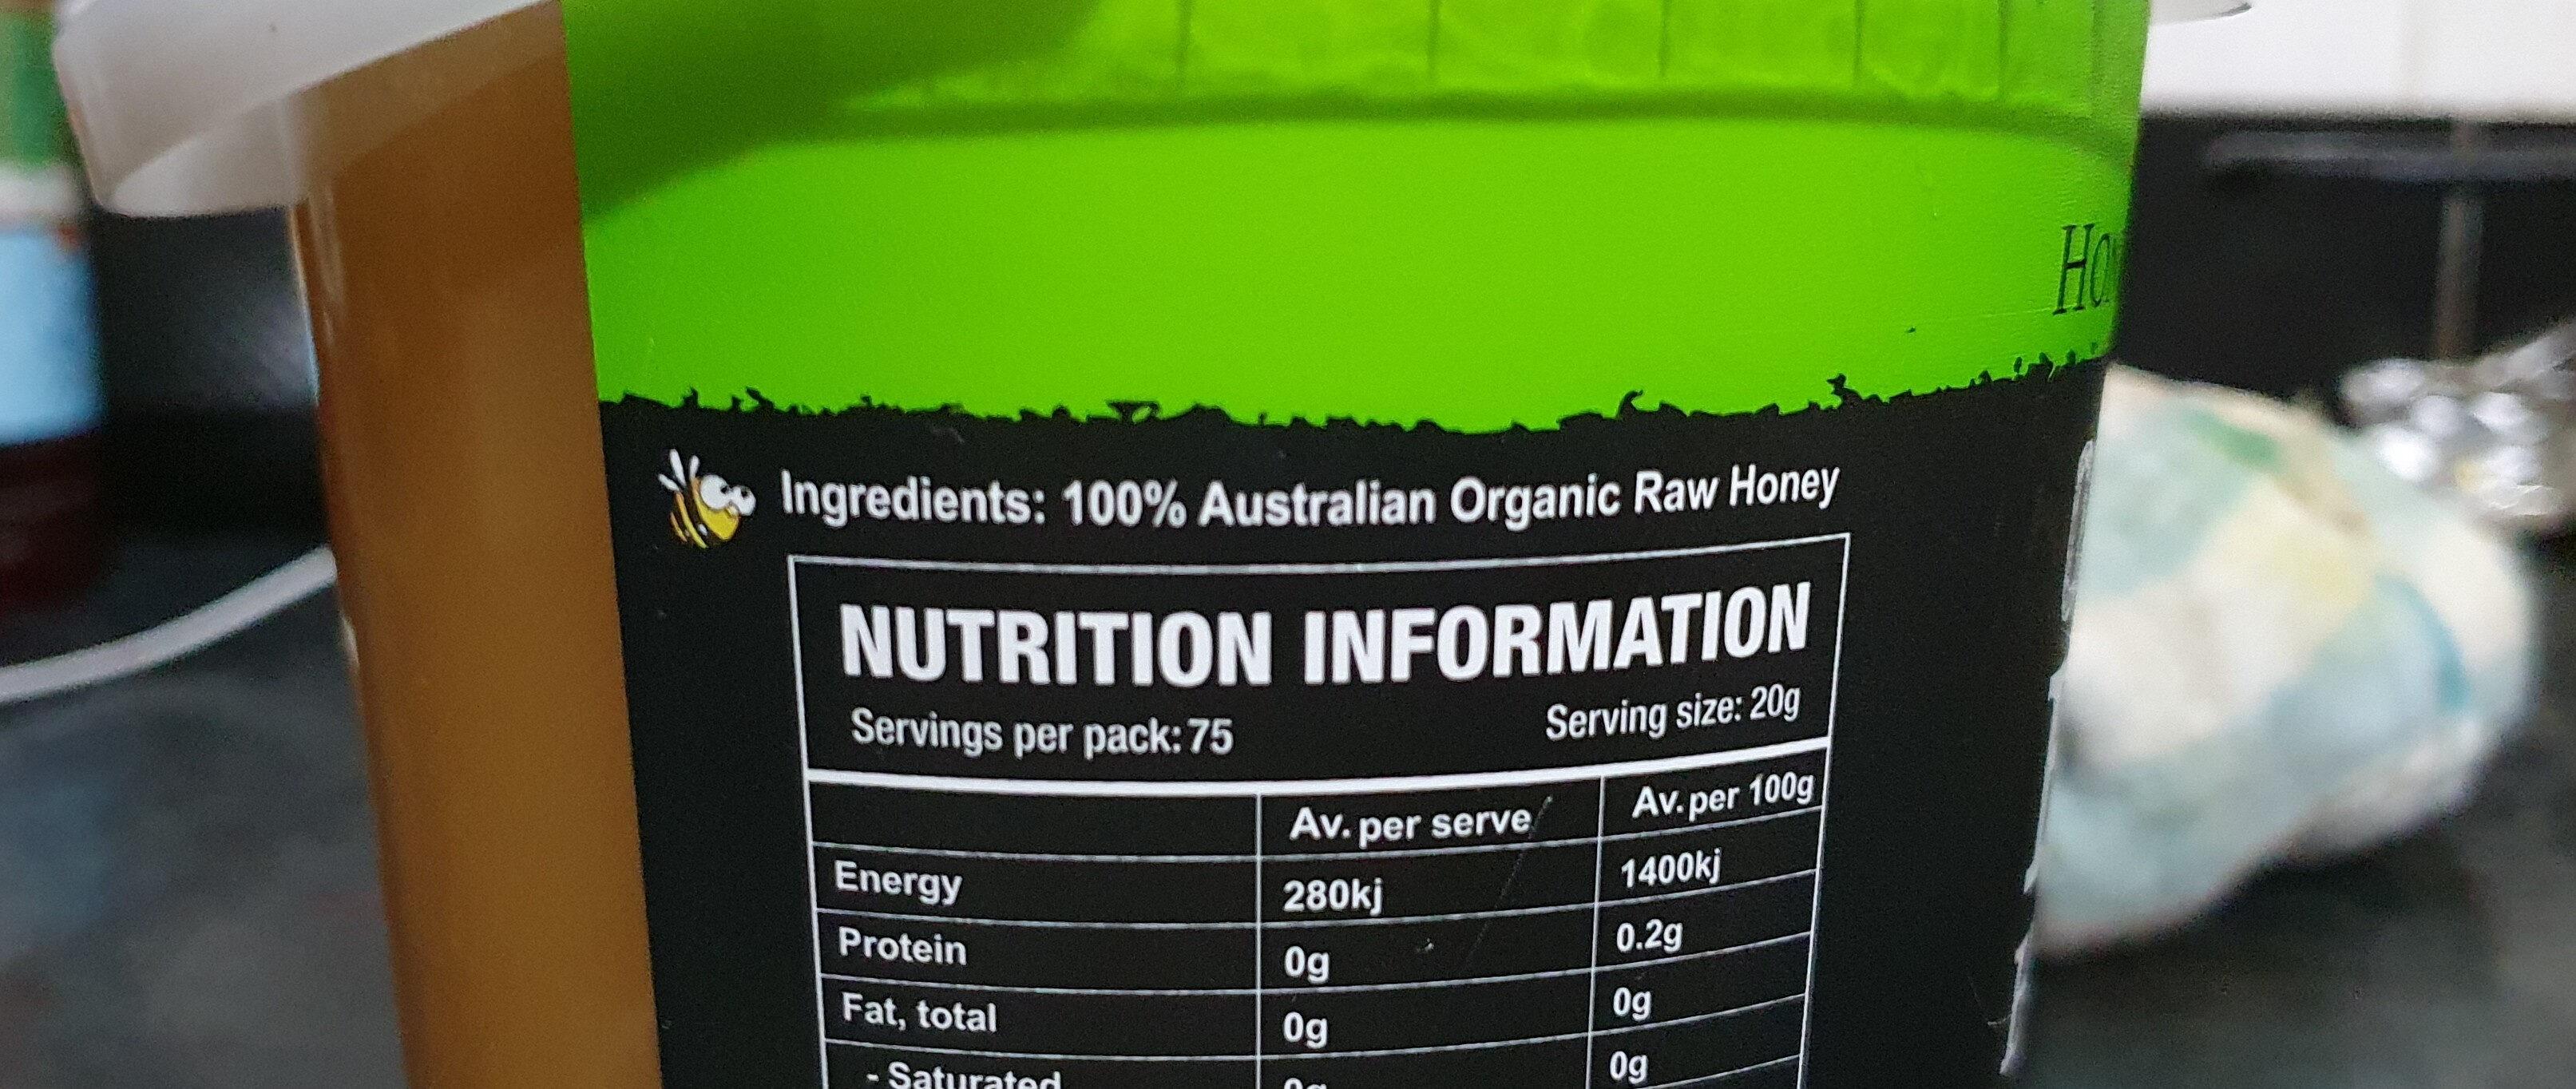 organic raw honey - Ingredients - en